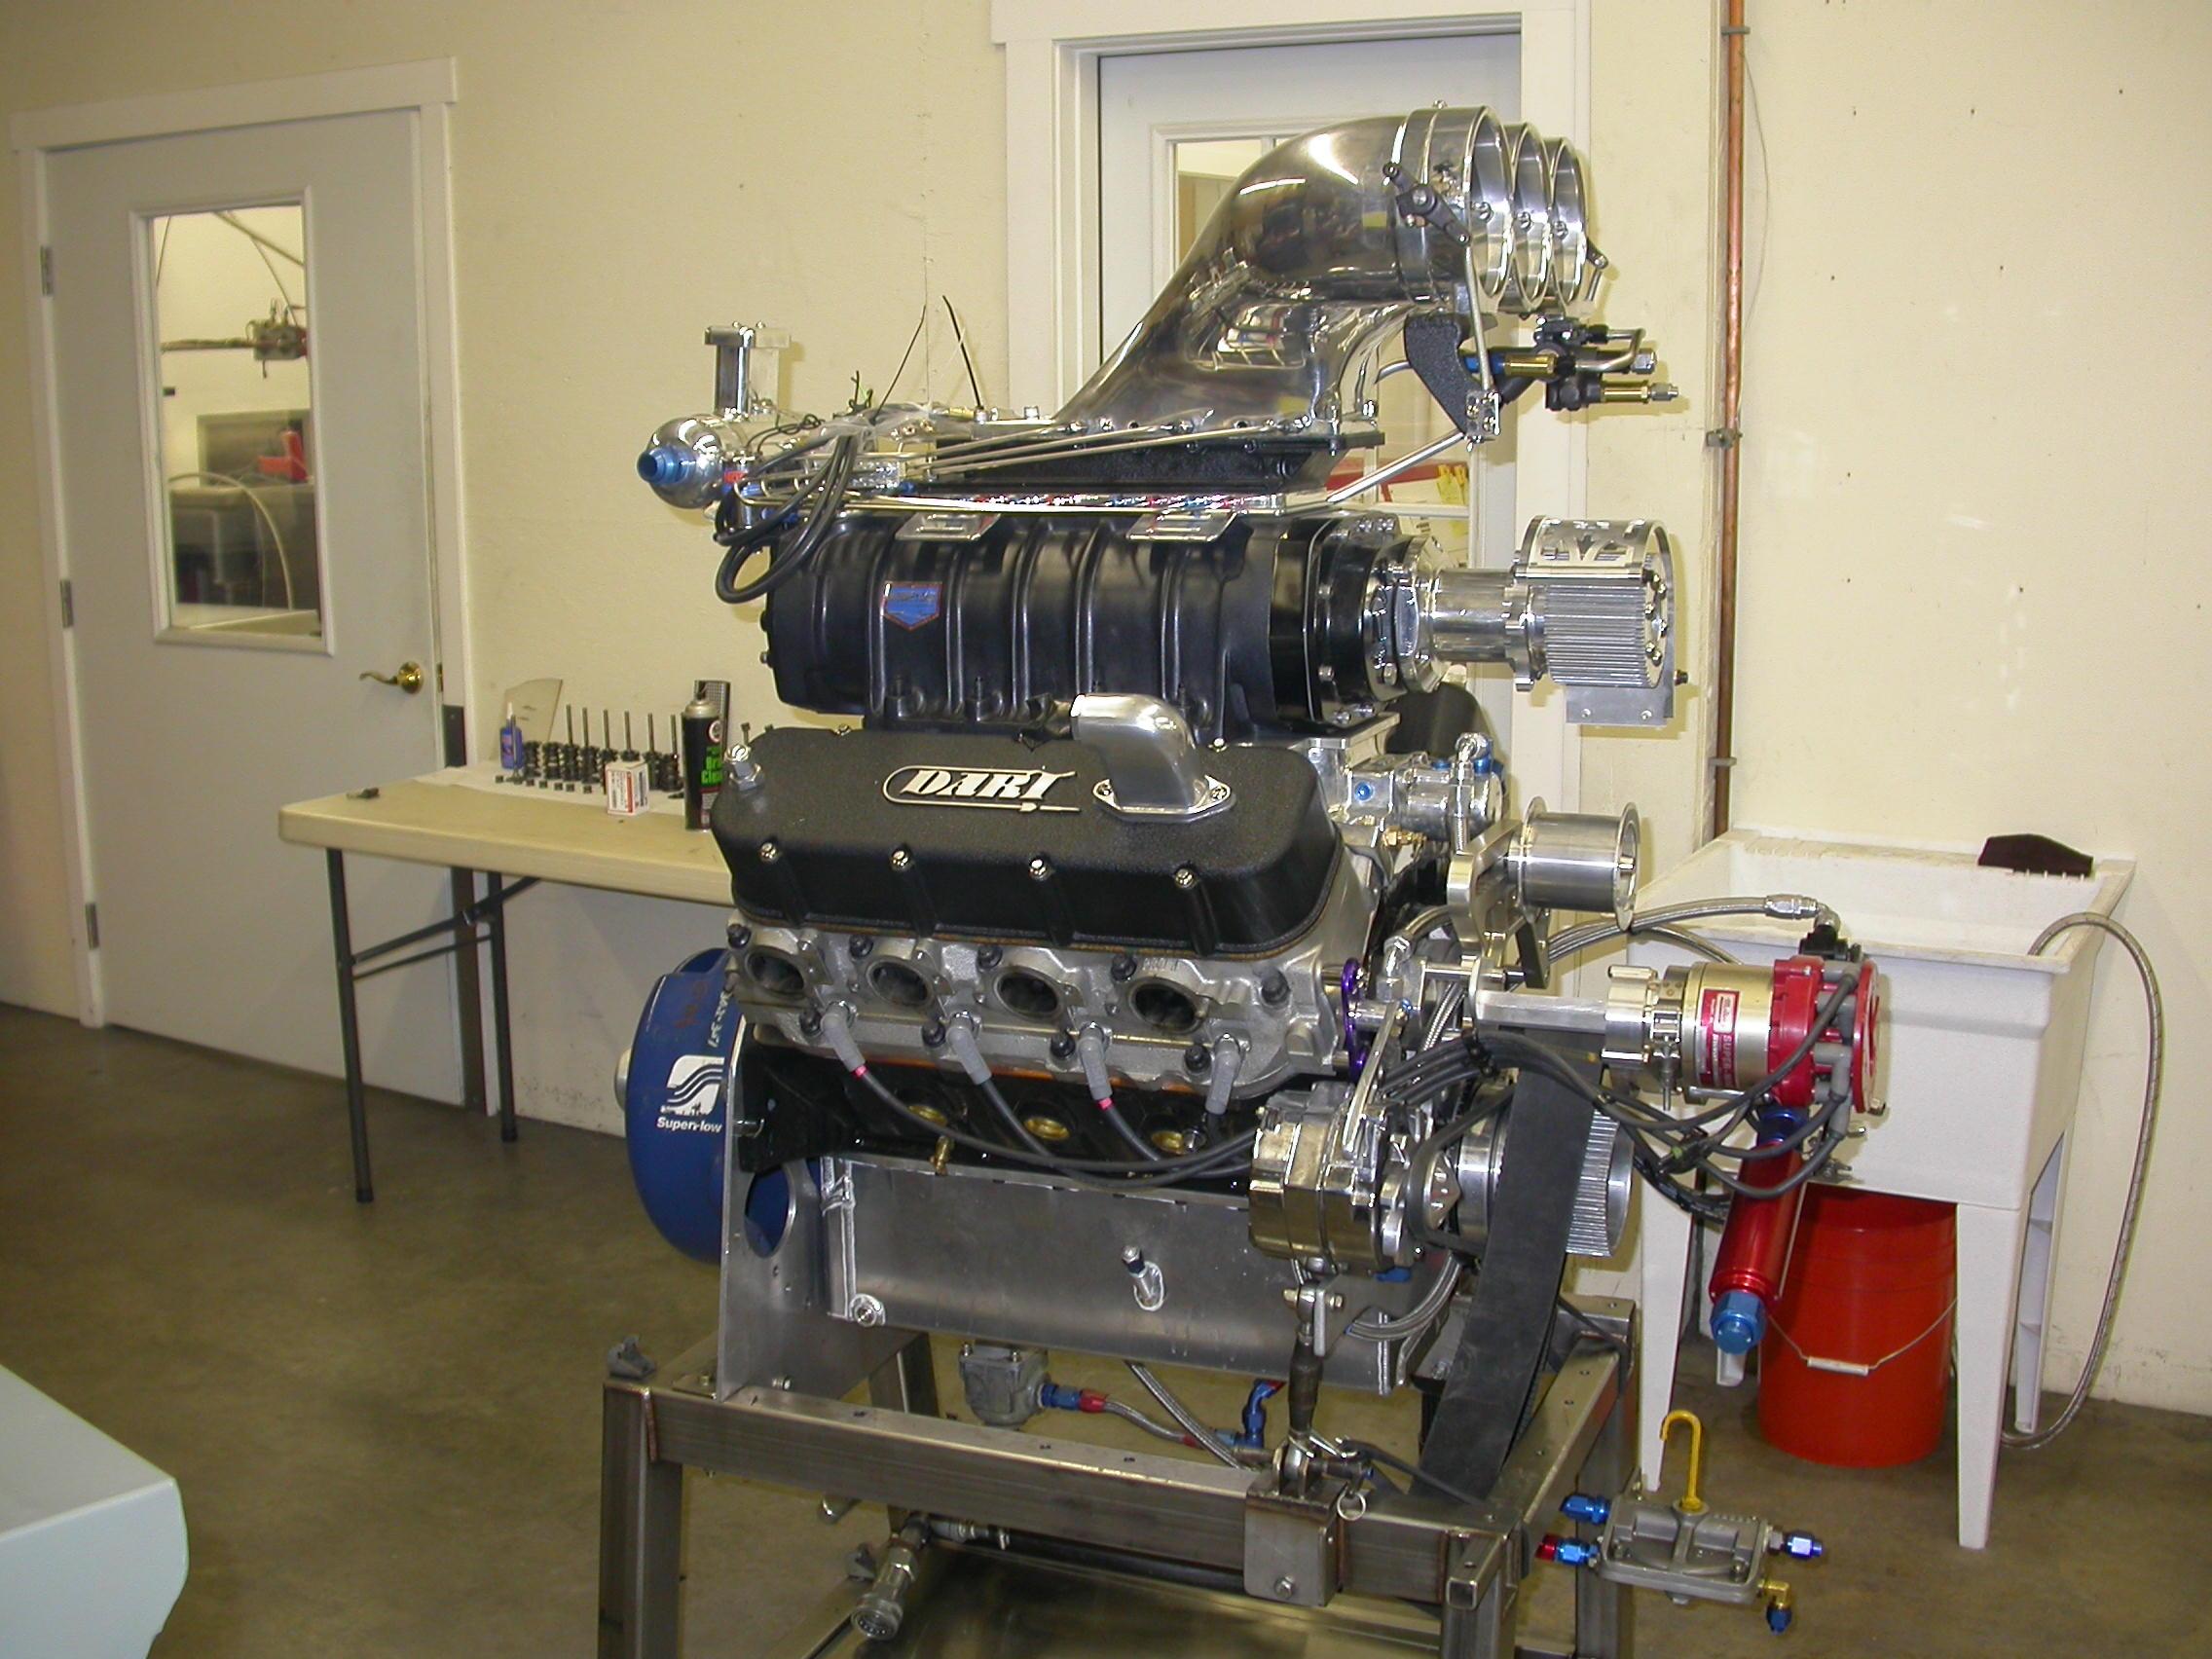 rpmspeedandmachine